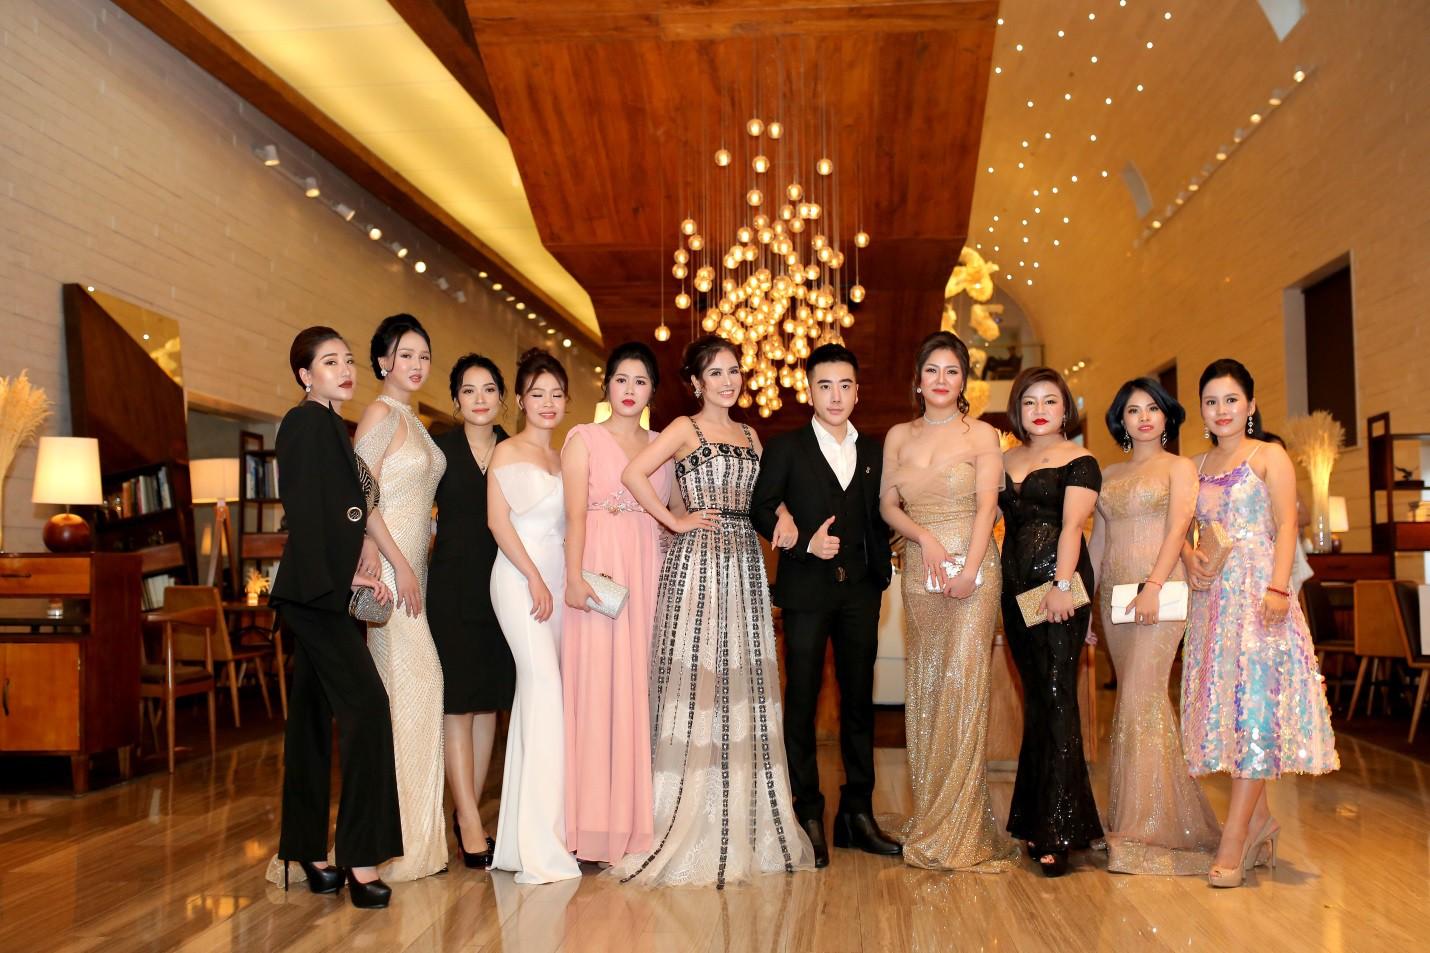 Bích Phương cùng dàn hot face đình đám tụ hội tại sự kiện ra mắt thương hiệu mỹ phẩm ANA'T - Ảnh 4.